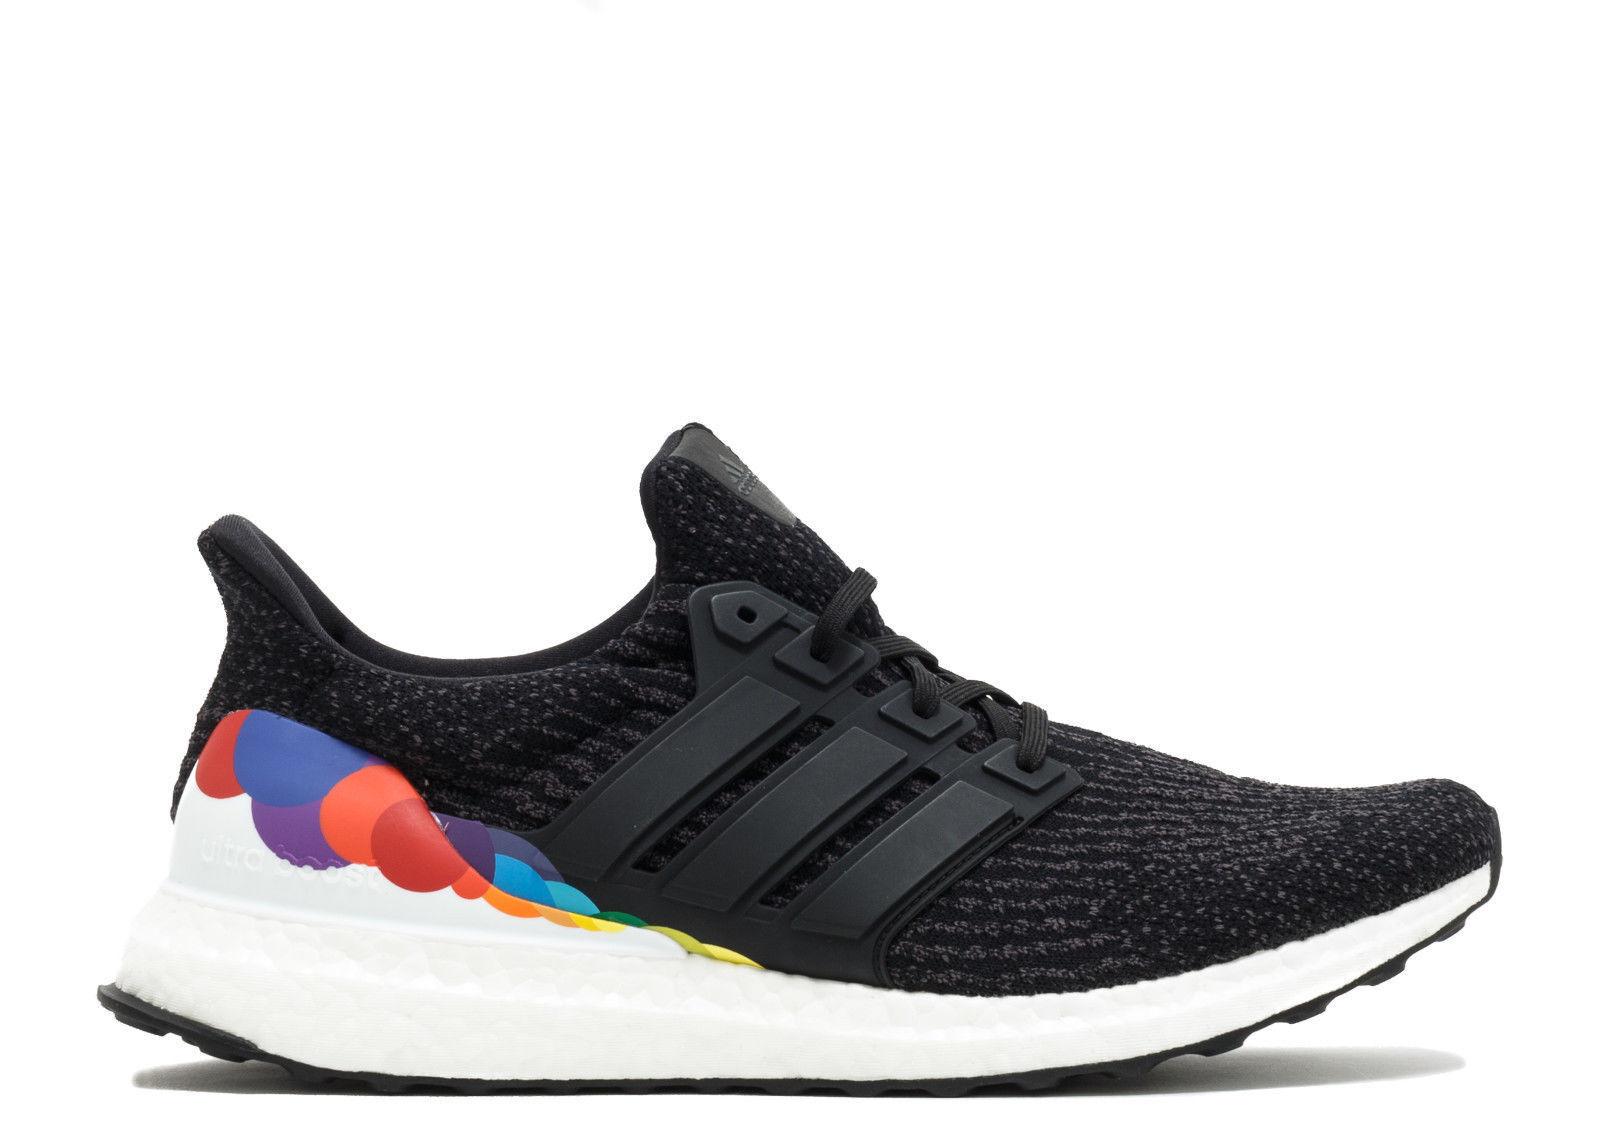 Nuevo Adidas para hombre Ultraboost 3.0 Negro/Multi orgullo LGBTQ Negro/Multi 3.0 CP9632 Zapatillas 46b63c